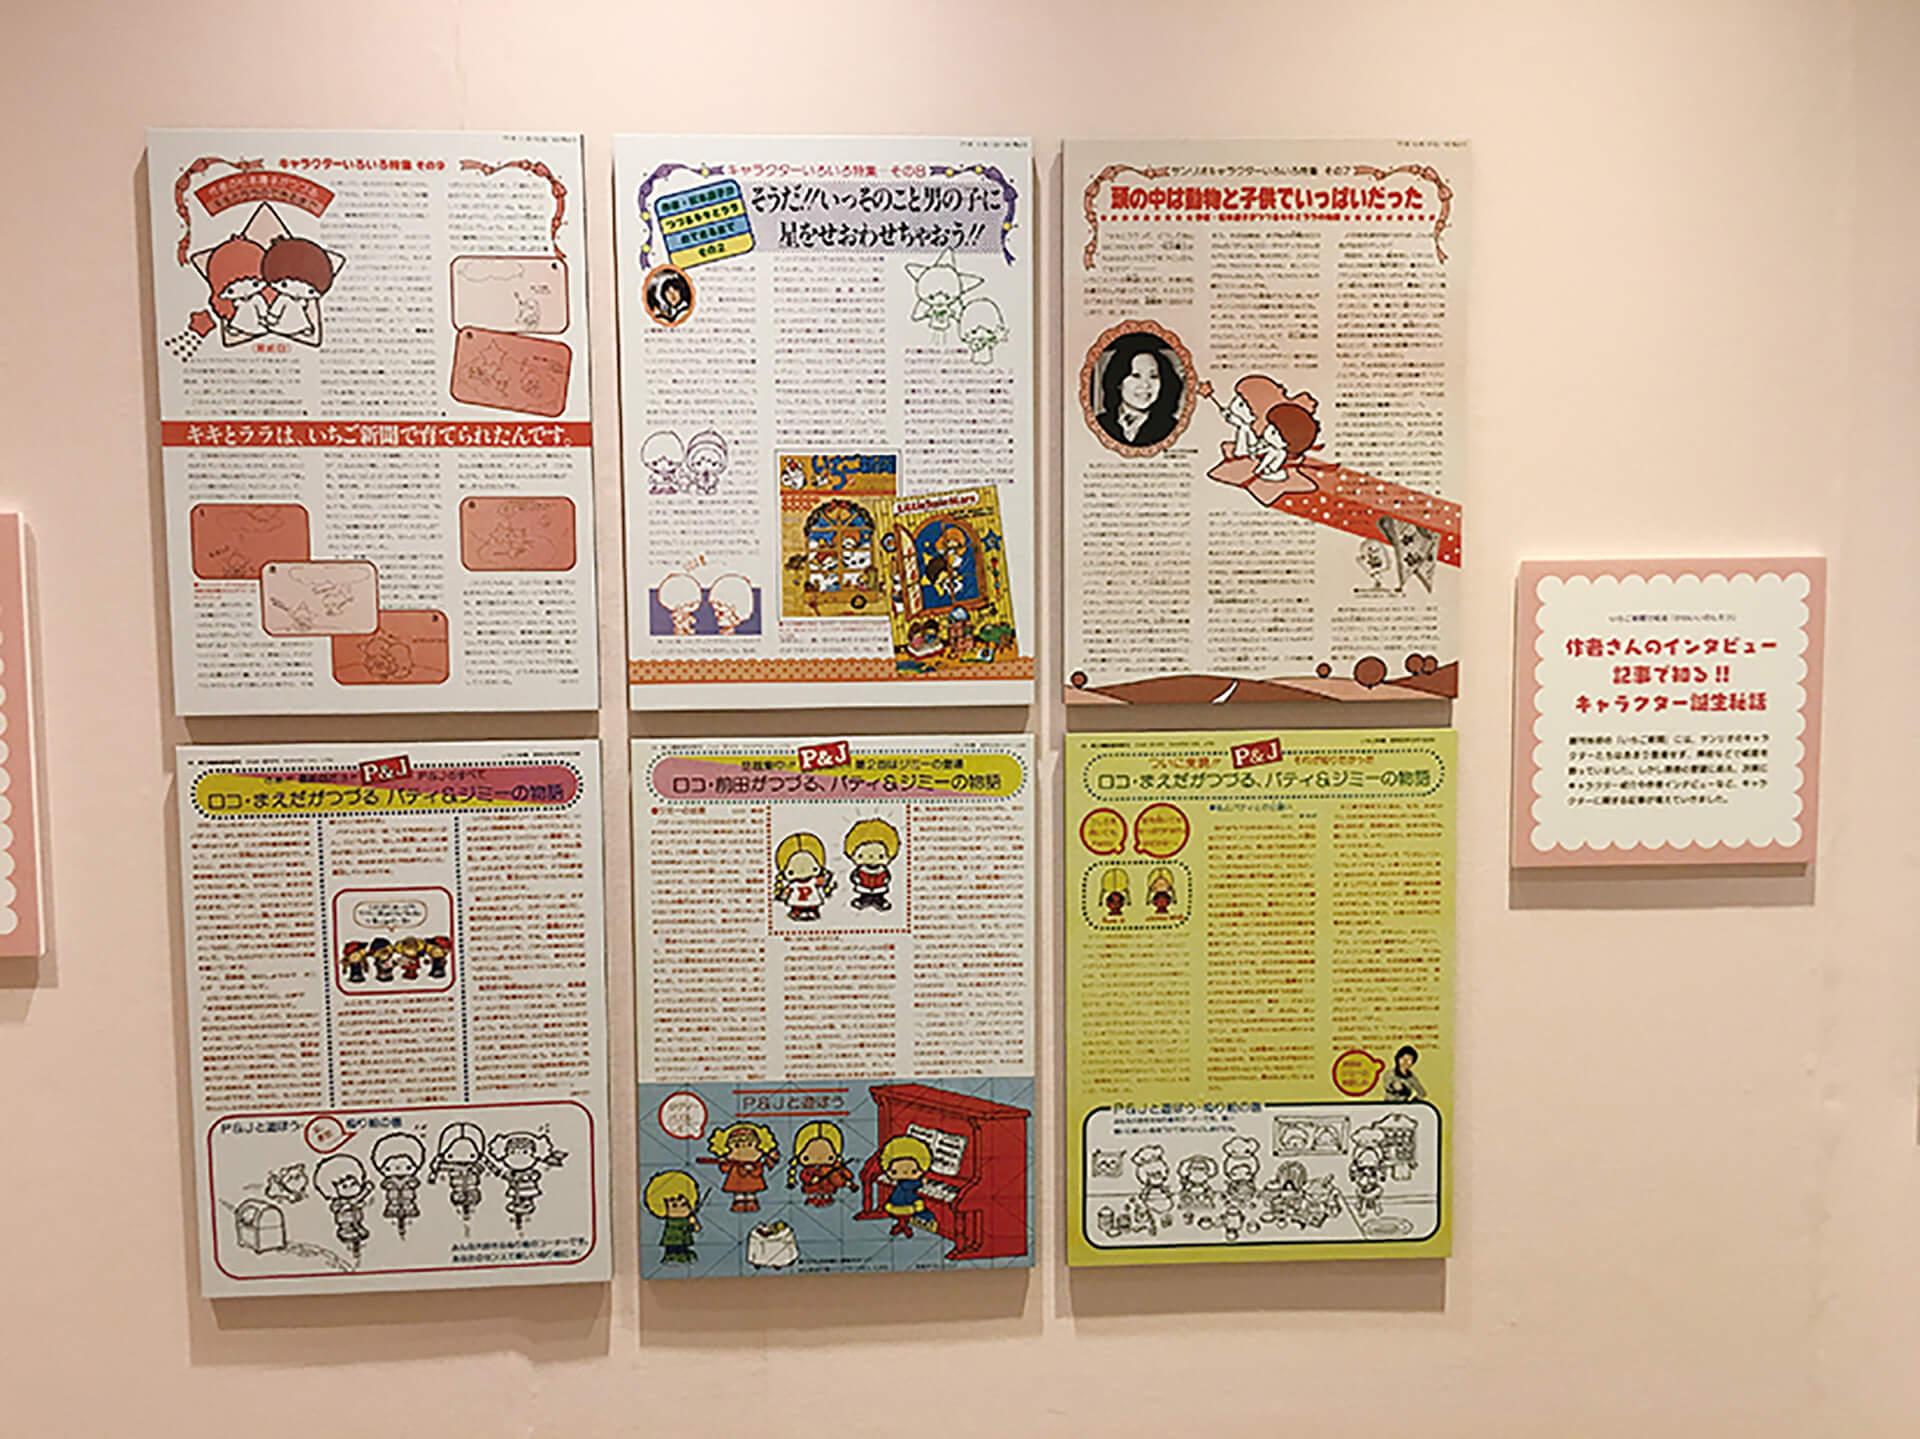 この写真はかわいいのヒミツ展の1コーナー、いちご新聞のヒミツを展示